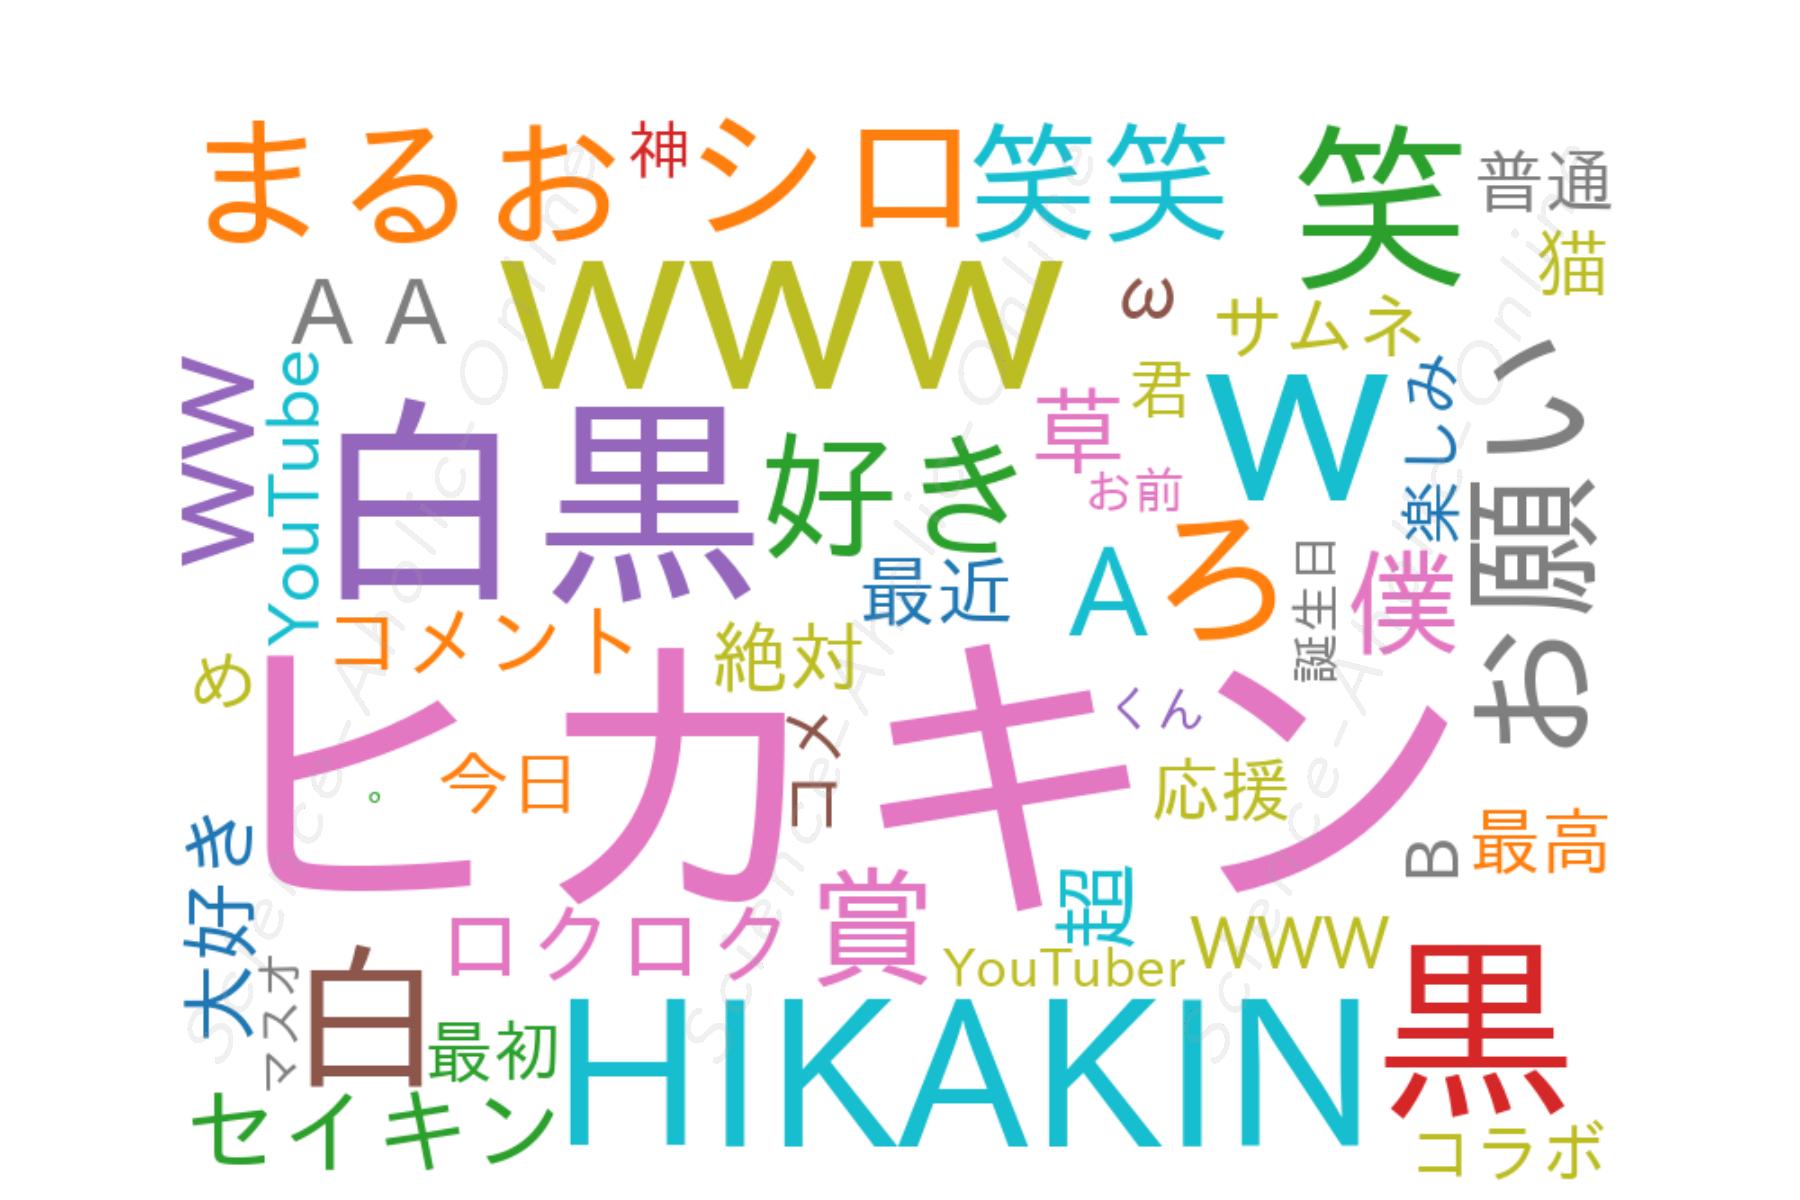 wordcloud_HikakinTV